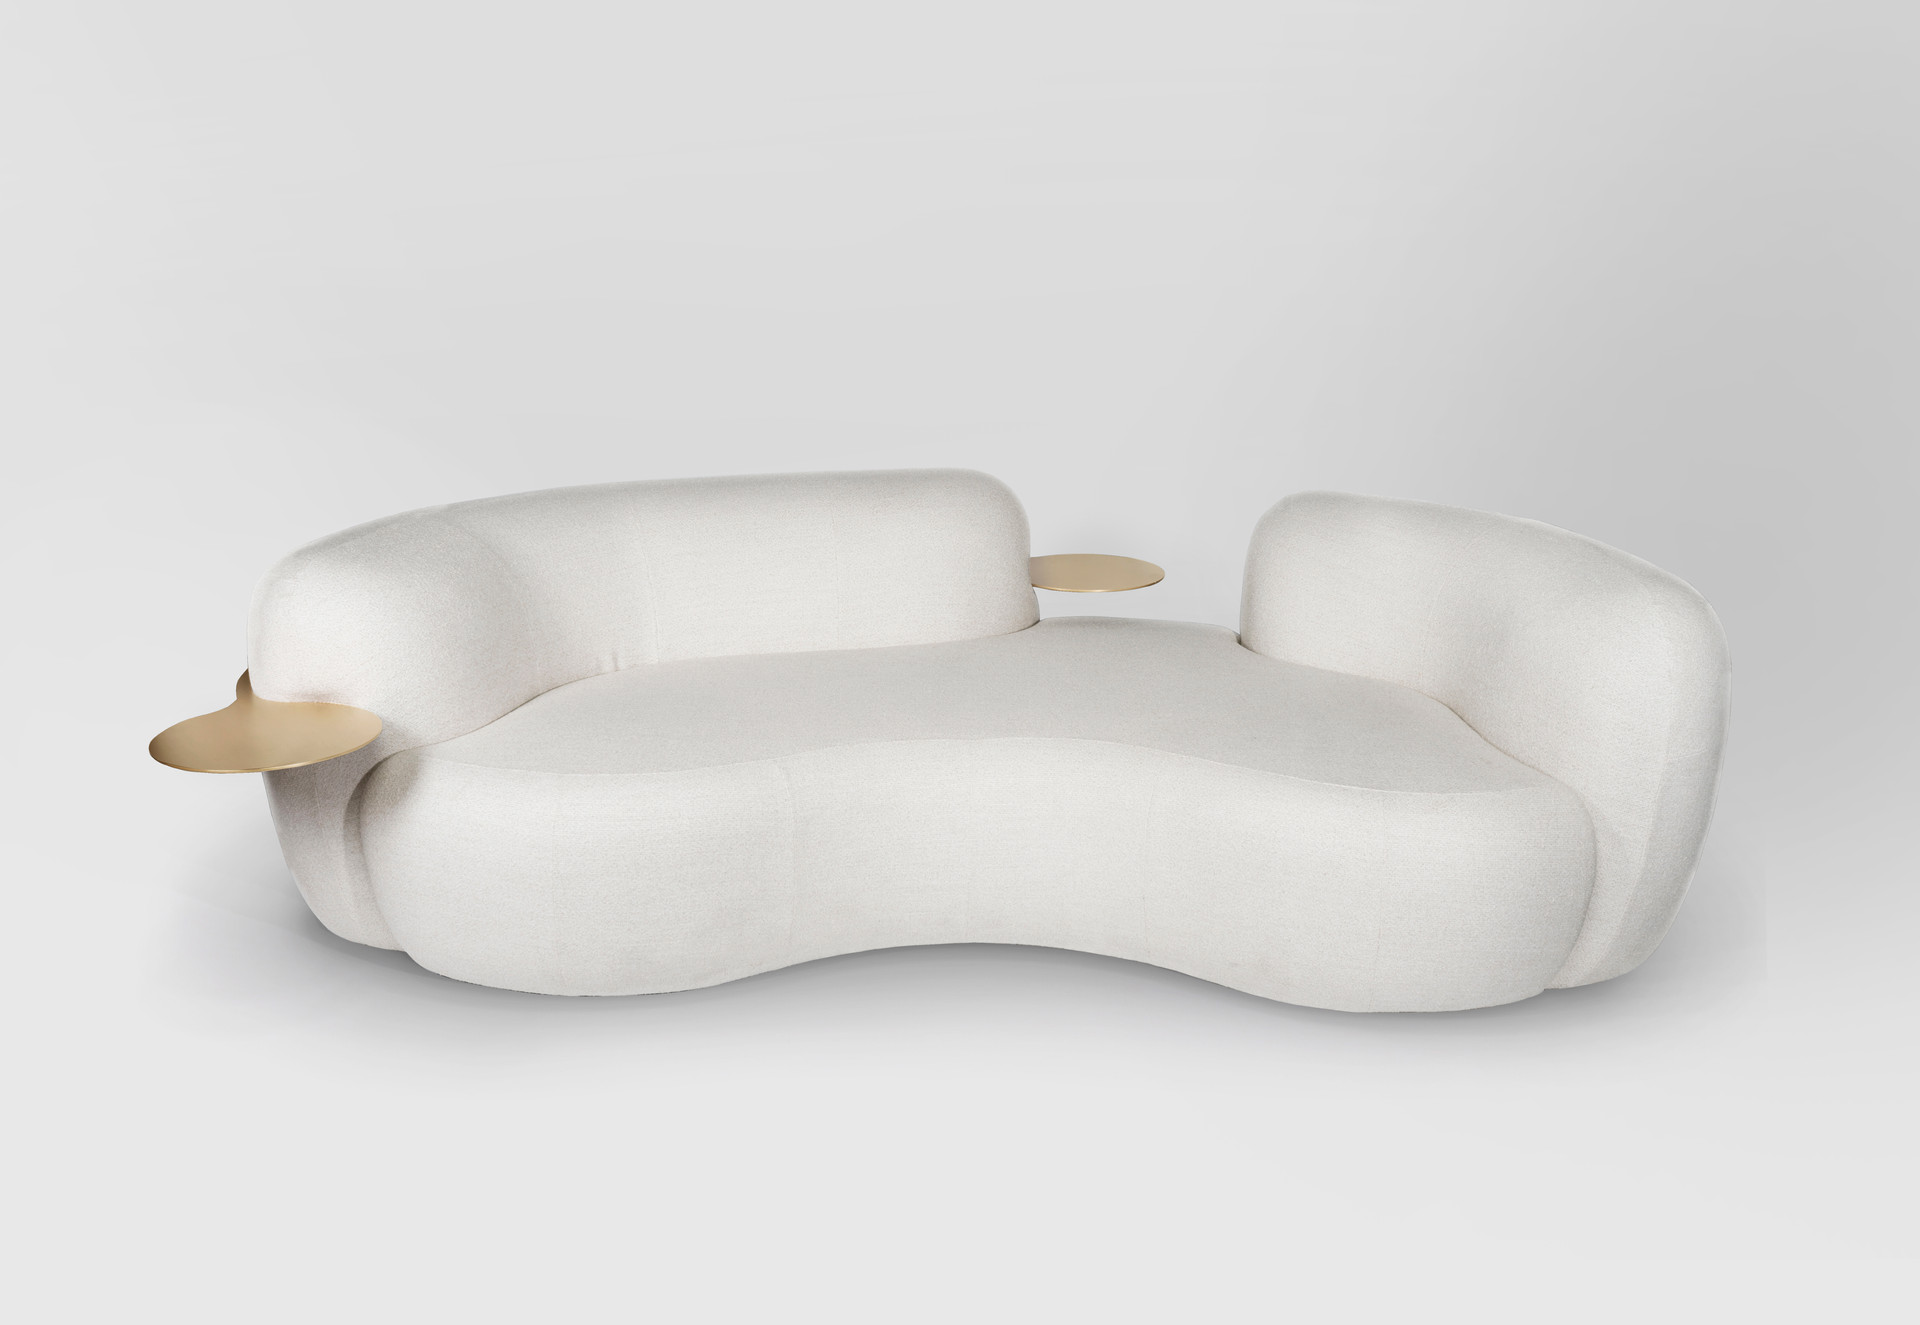 10_Tateyama sofa 01.jpg